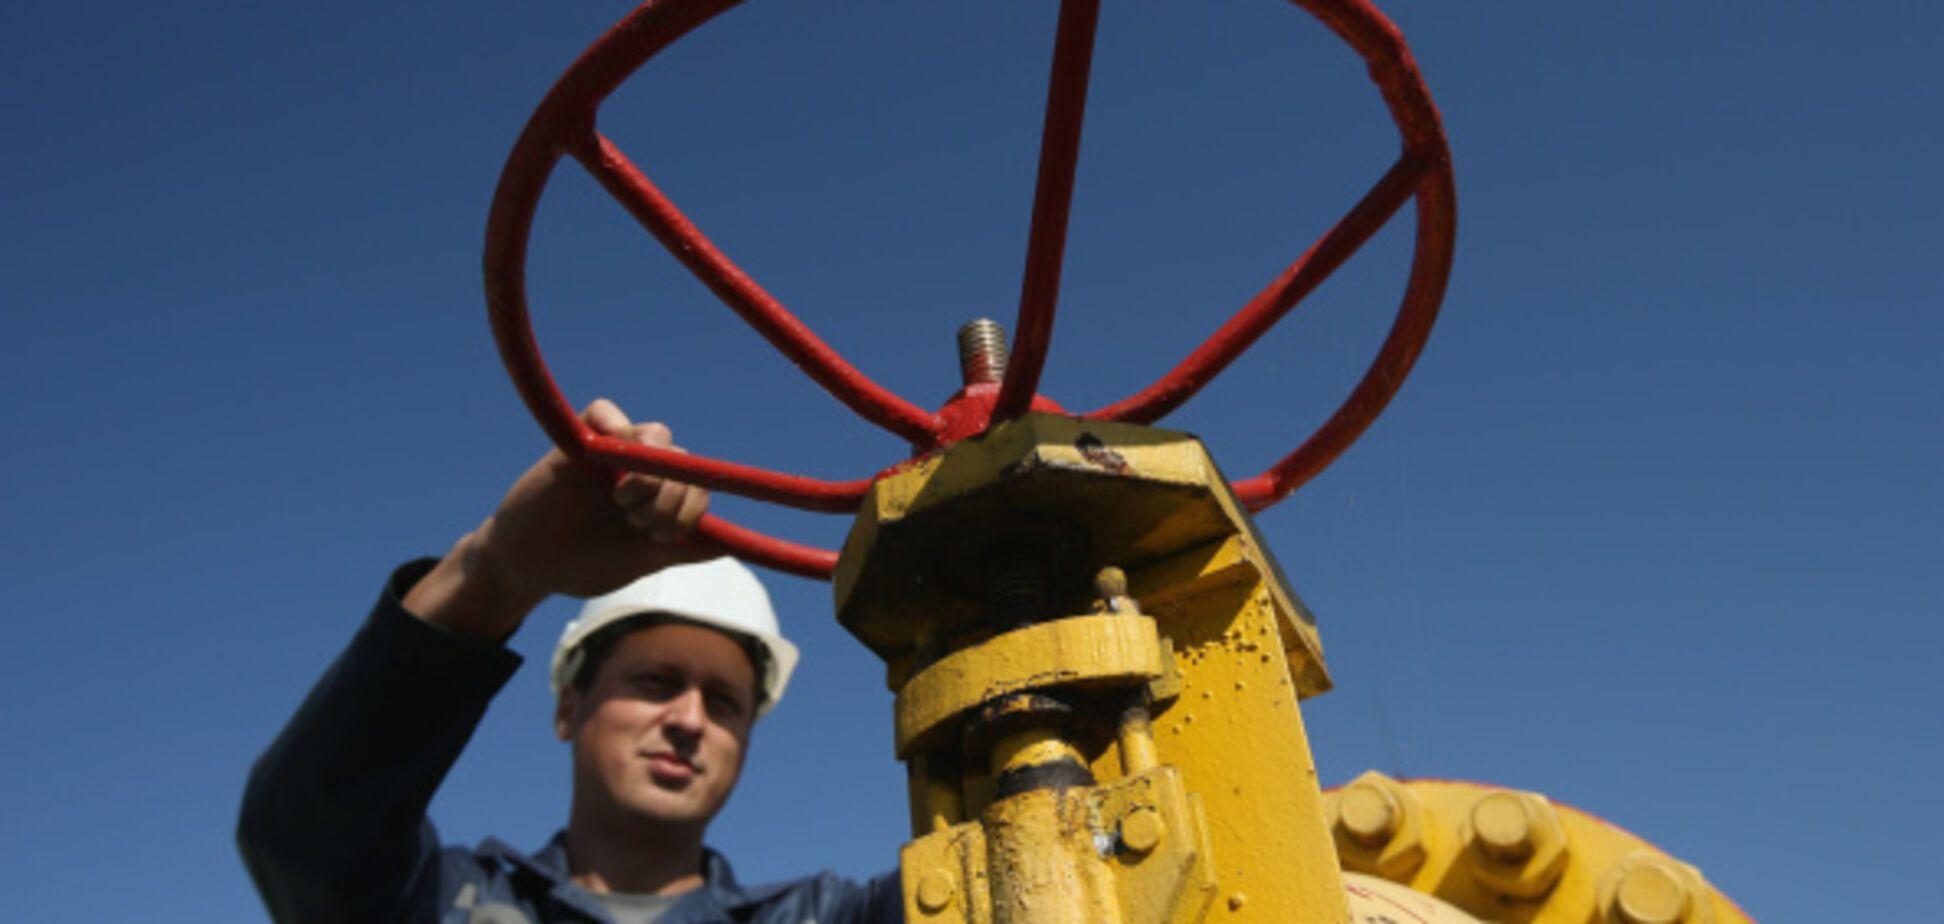 Україна без російського газу: Порошенко зробив заяву на нараді з питань енергетичної безпеки